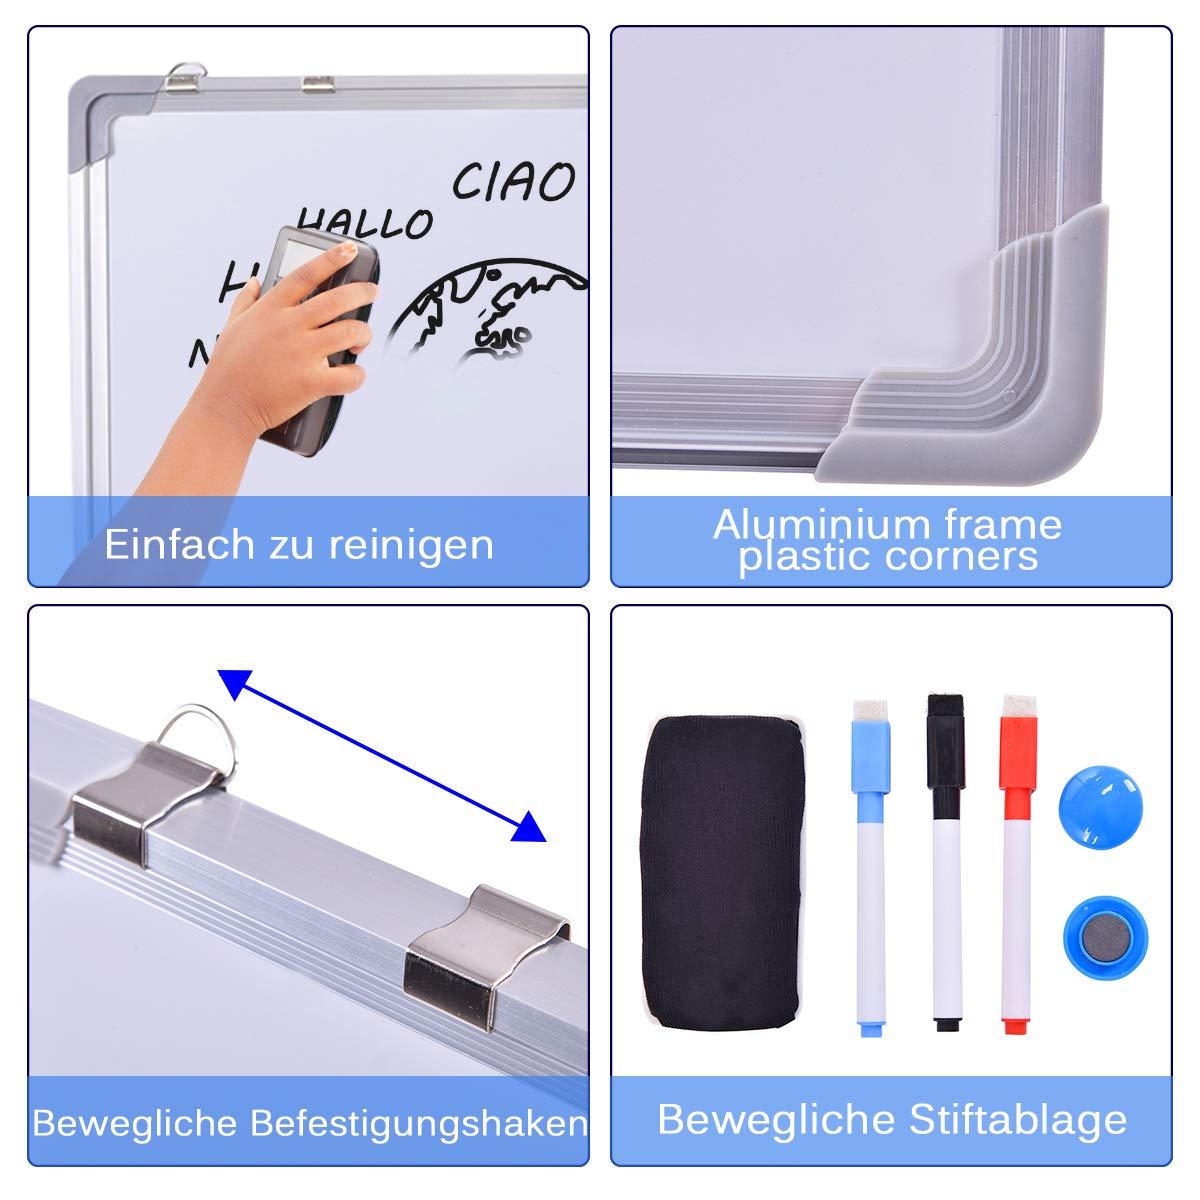 120x90cm COSTWAY Whiteboard Magnettafel Schreibttafel Pinnwand Wandtafel Board Memoboard mit Alurahmen viele Gr/ö/ßen w/ählbar